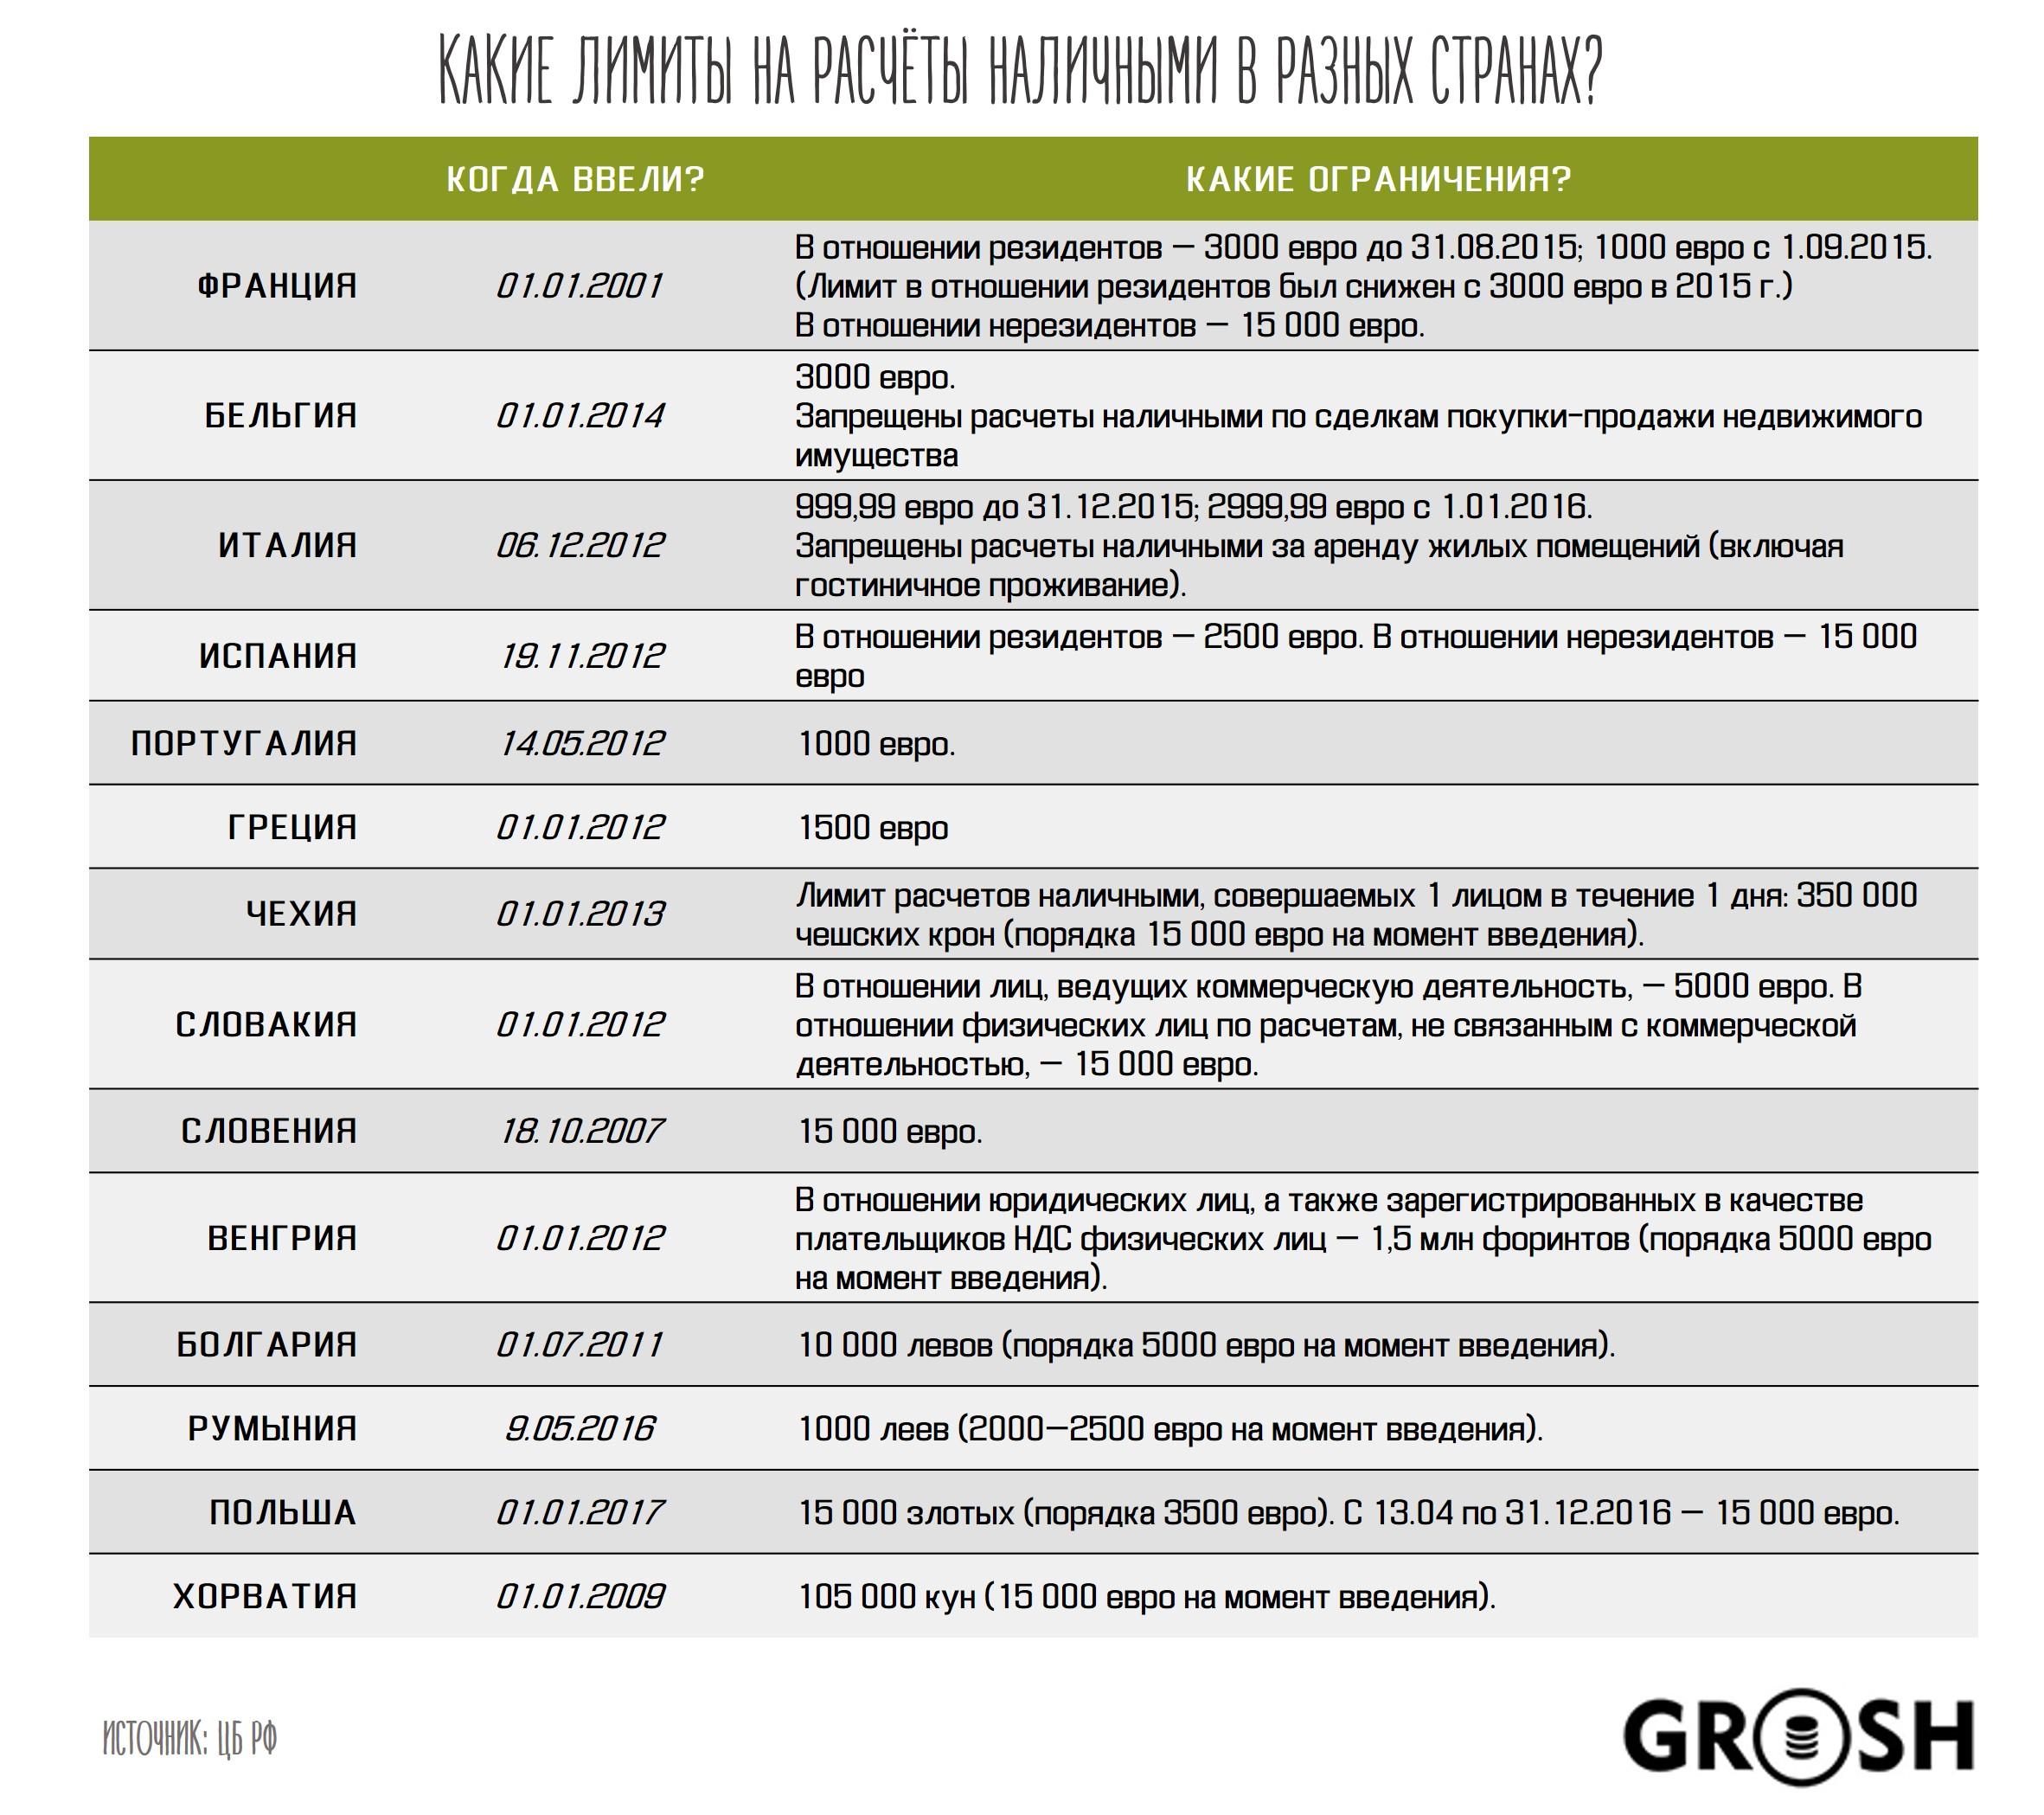 Ограничения расчётов наличными grosh-blog.ru